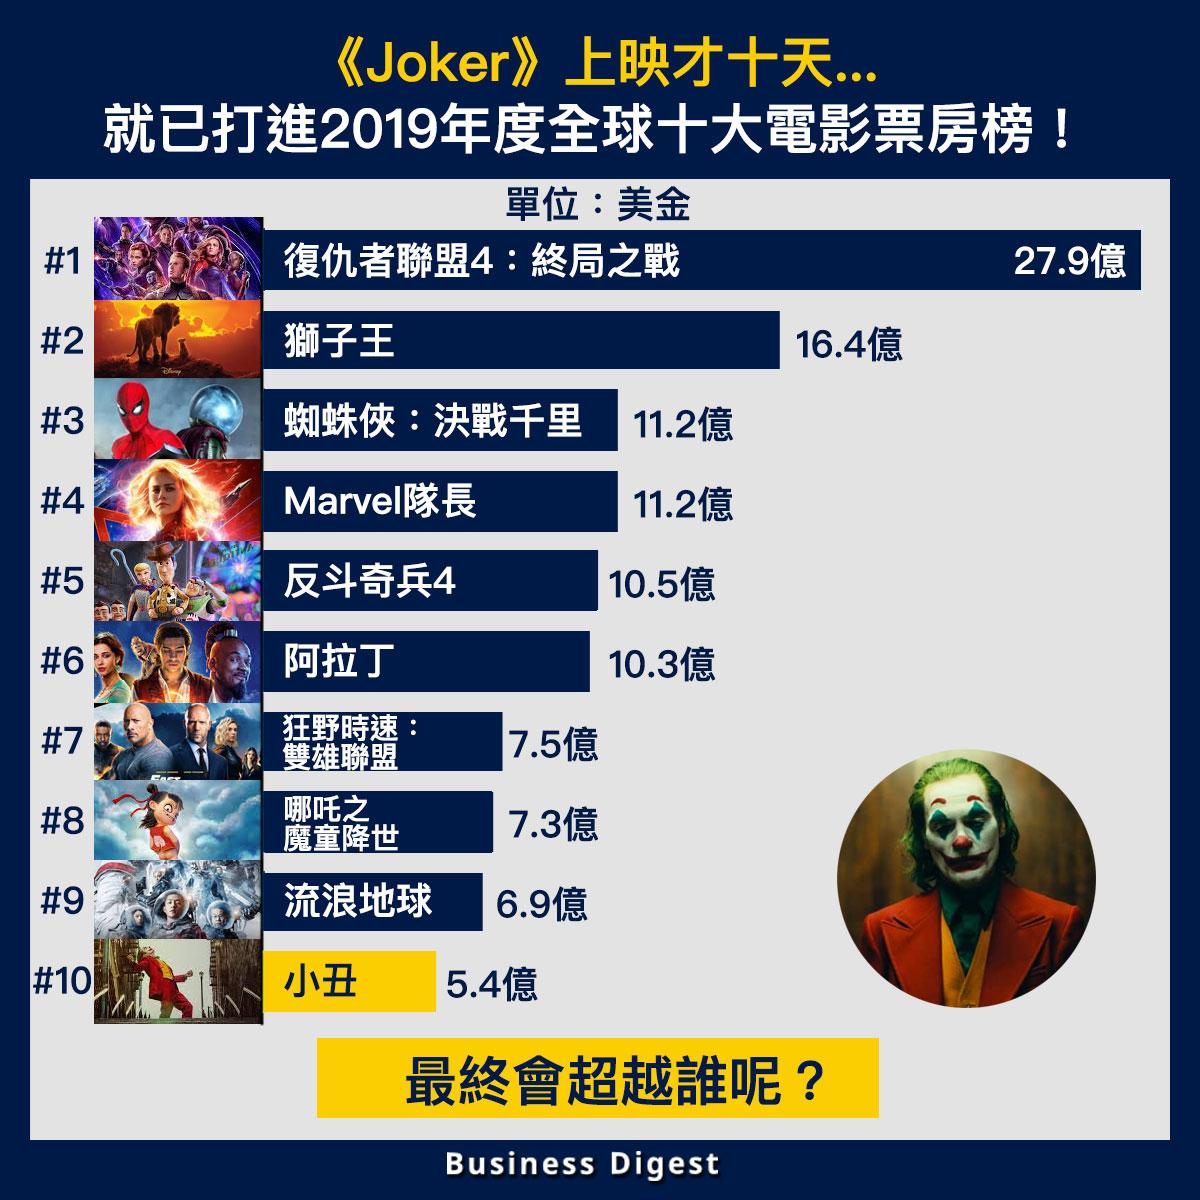 【商業熱話】《Joker》上映才十天就已打進2019年度全球十大電影票房榜!